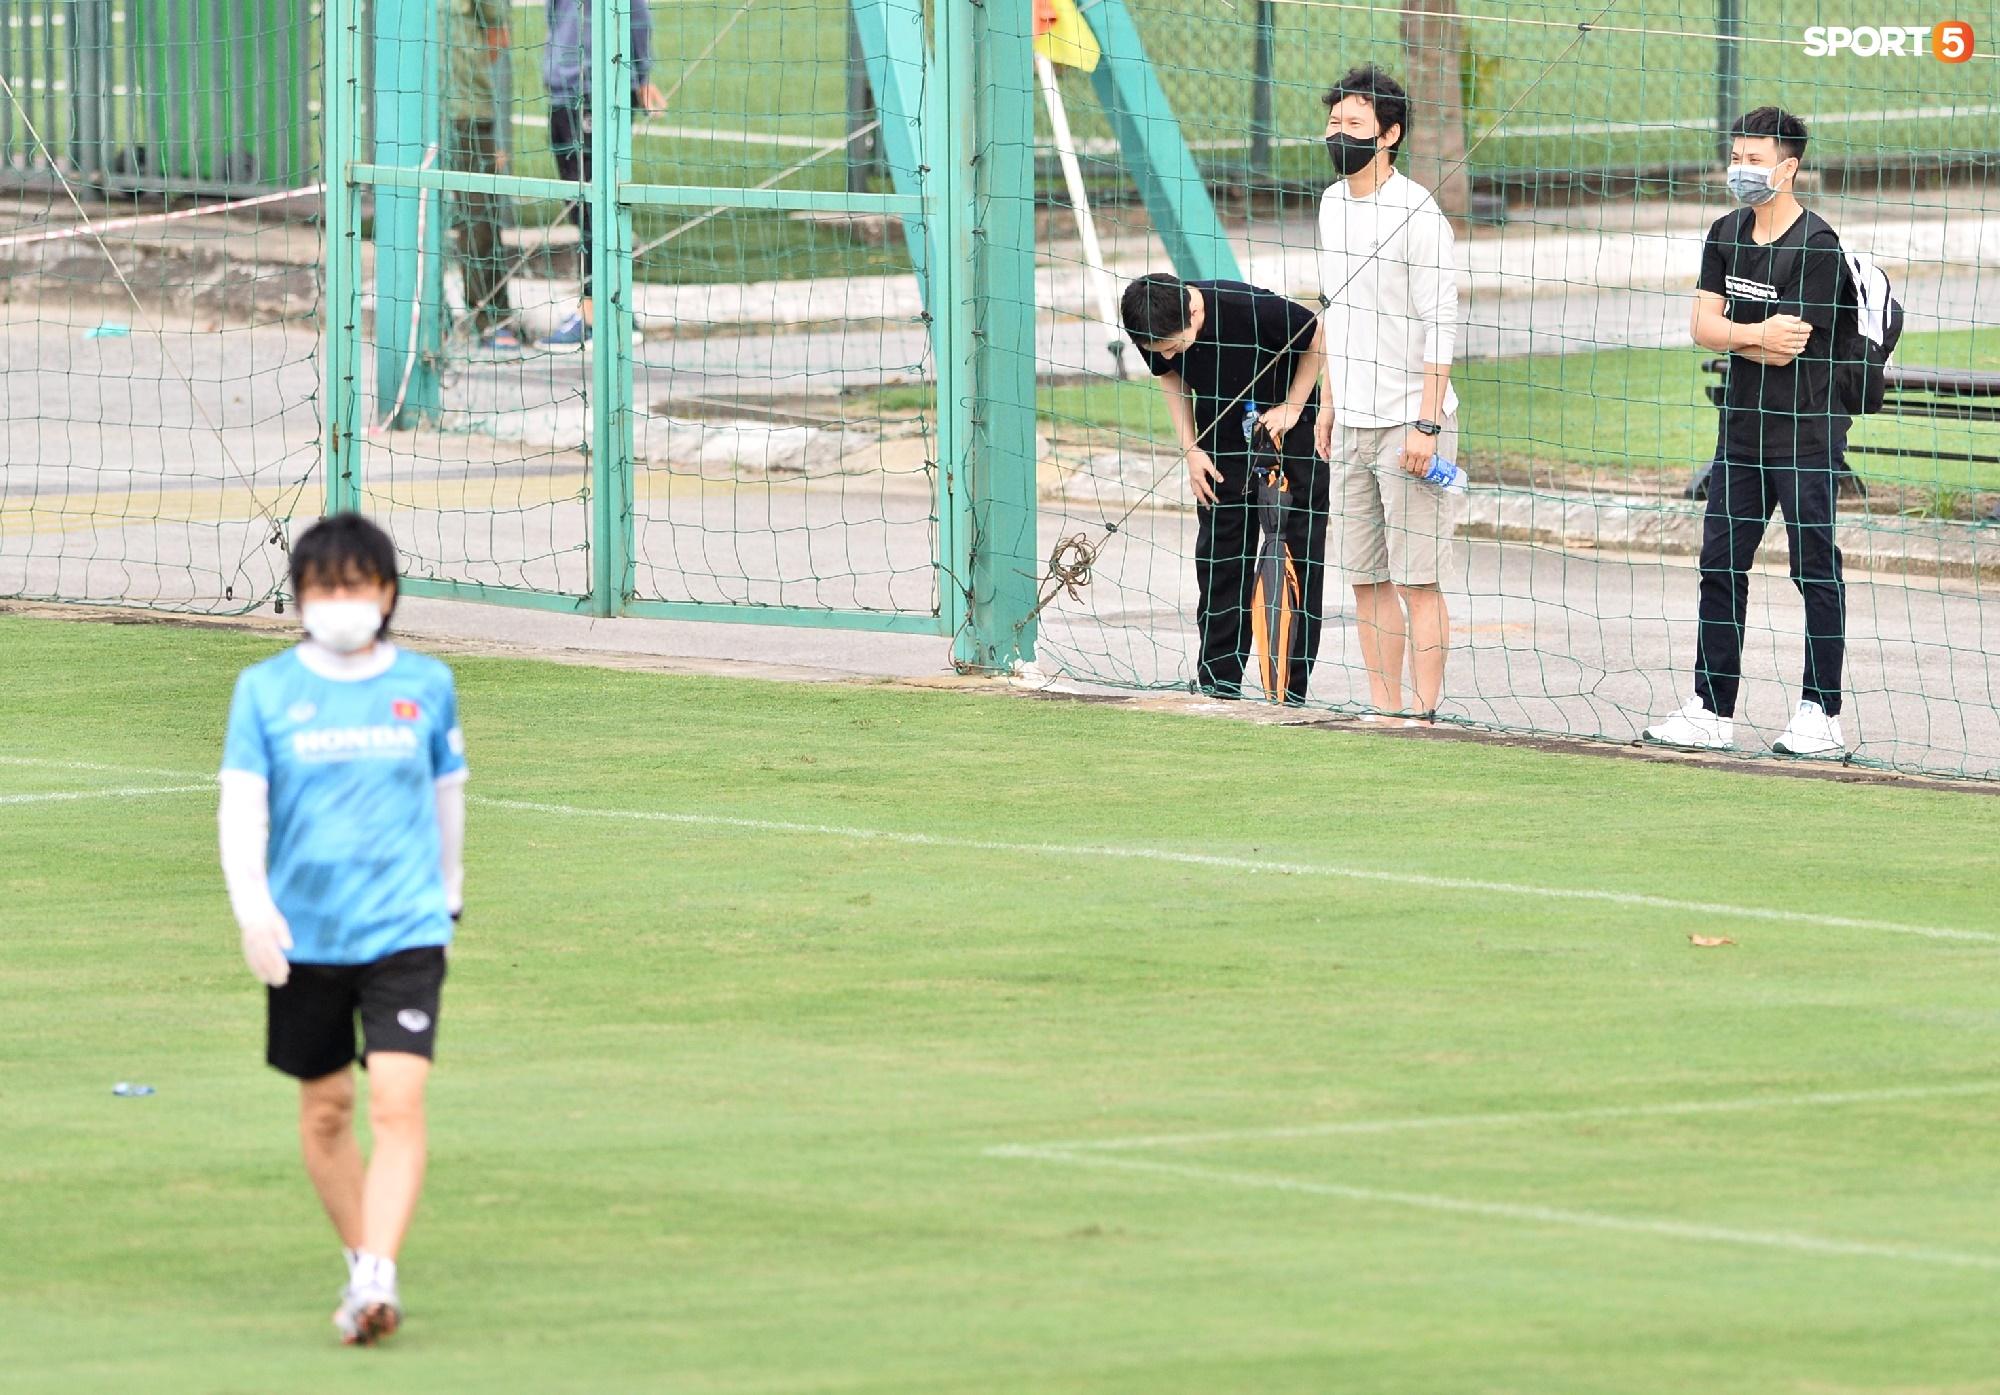 Chuyên gia 9x của CLB Hà Nội bất ngờ thị sát đội tuyển Việt Nam tập luyện - Ảnh 3.